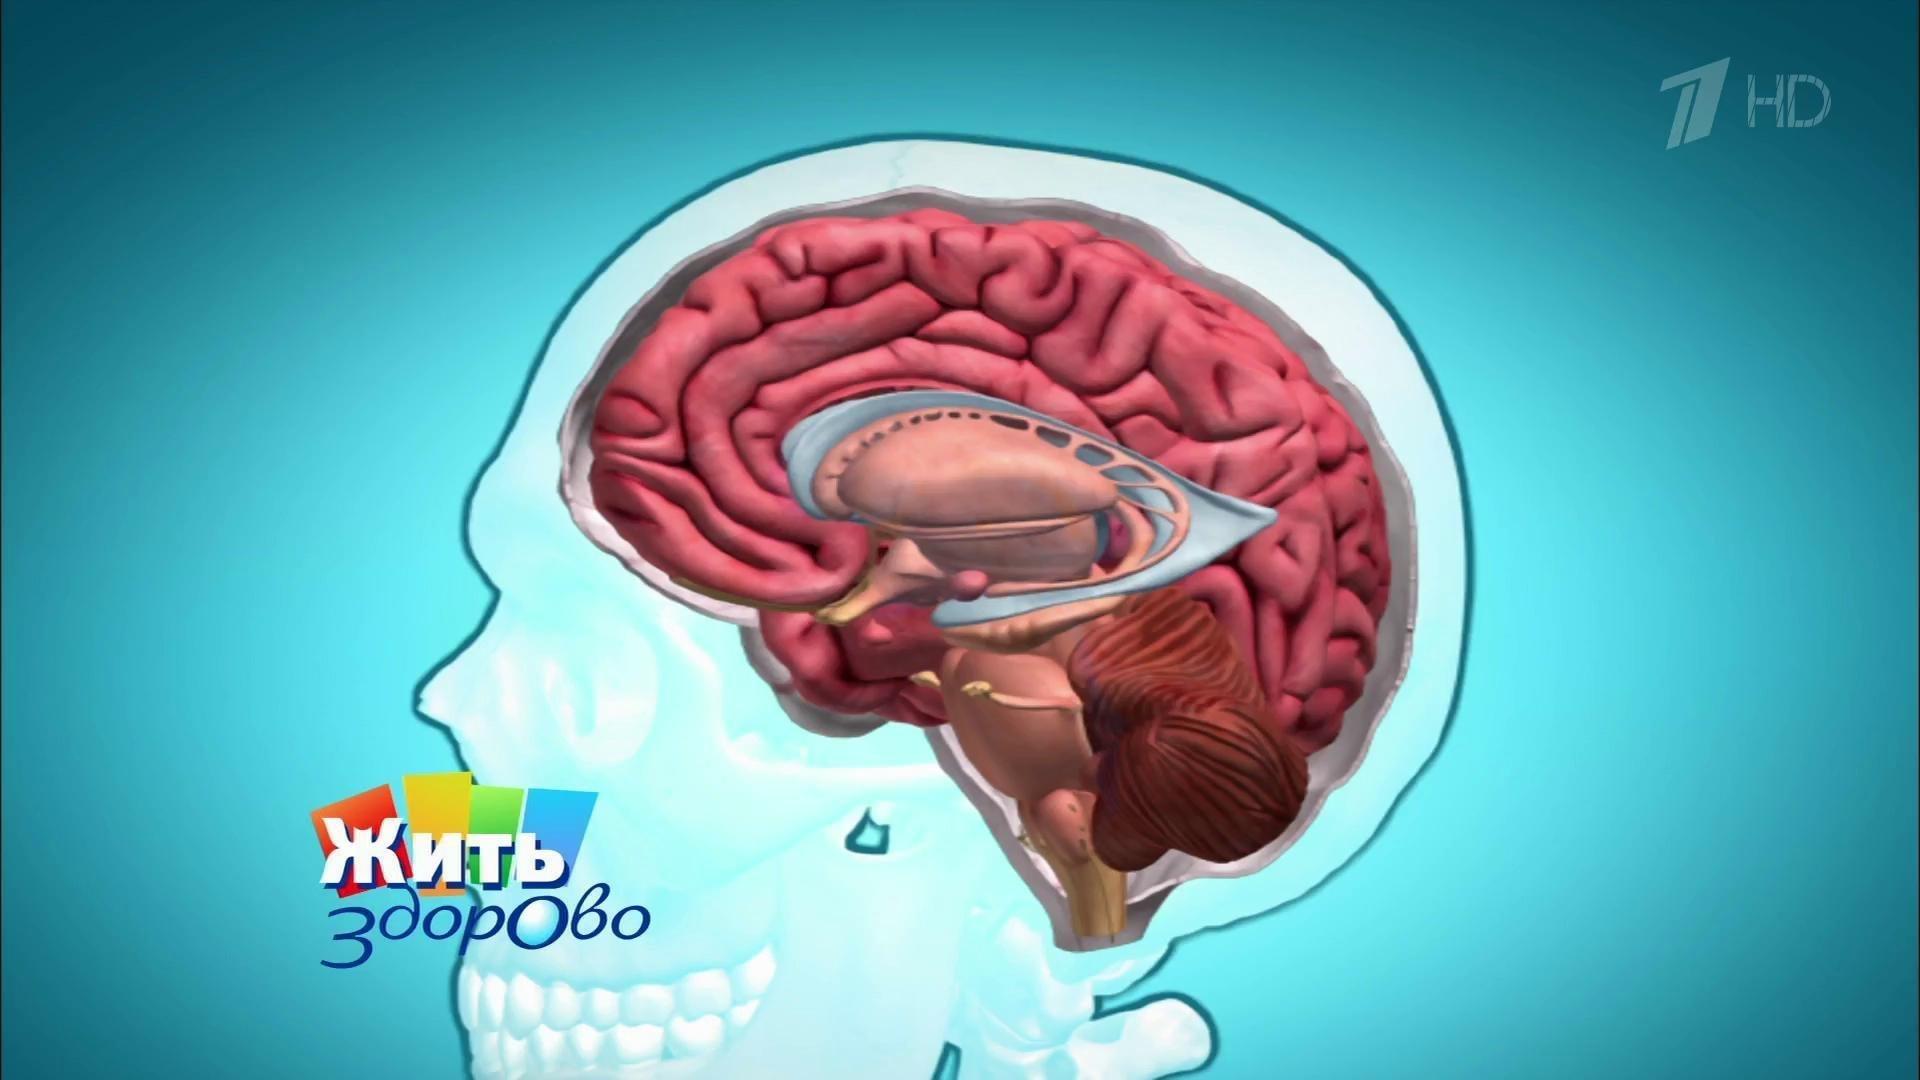 от чего бывает отек мозга есть хищение чужого